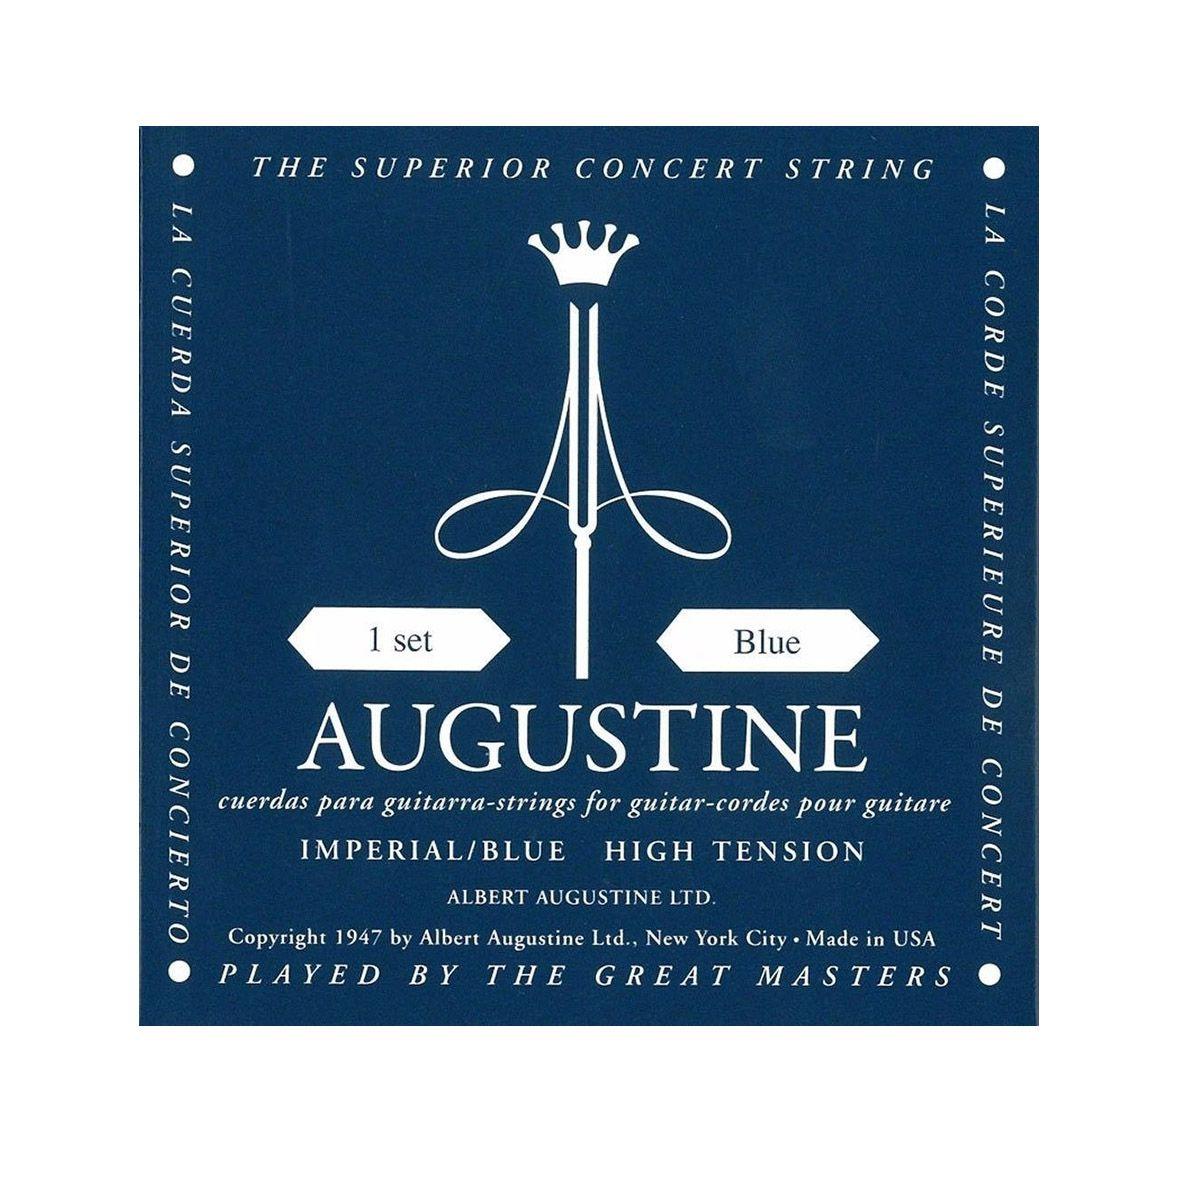 Encordoamento Augustine Imperial/blue Tensão Alta Nylon